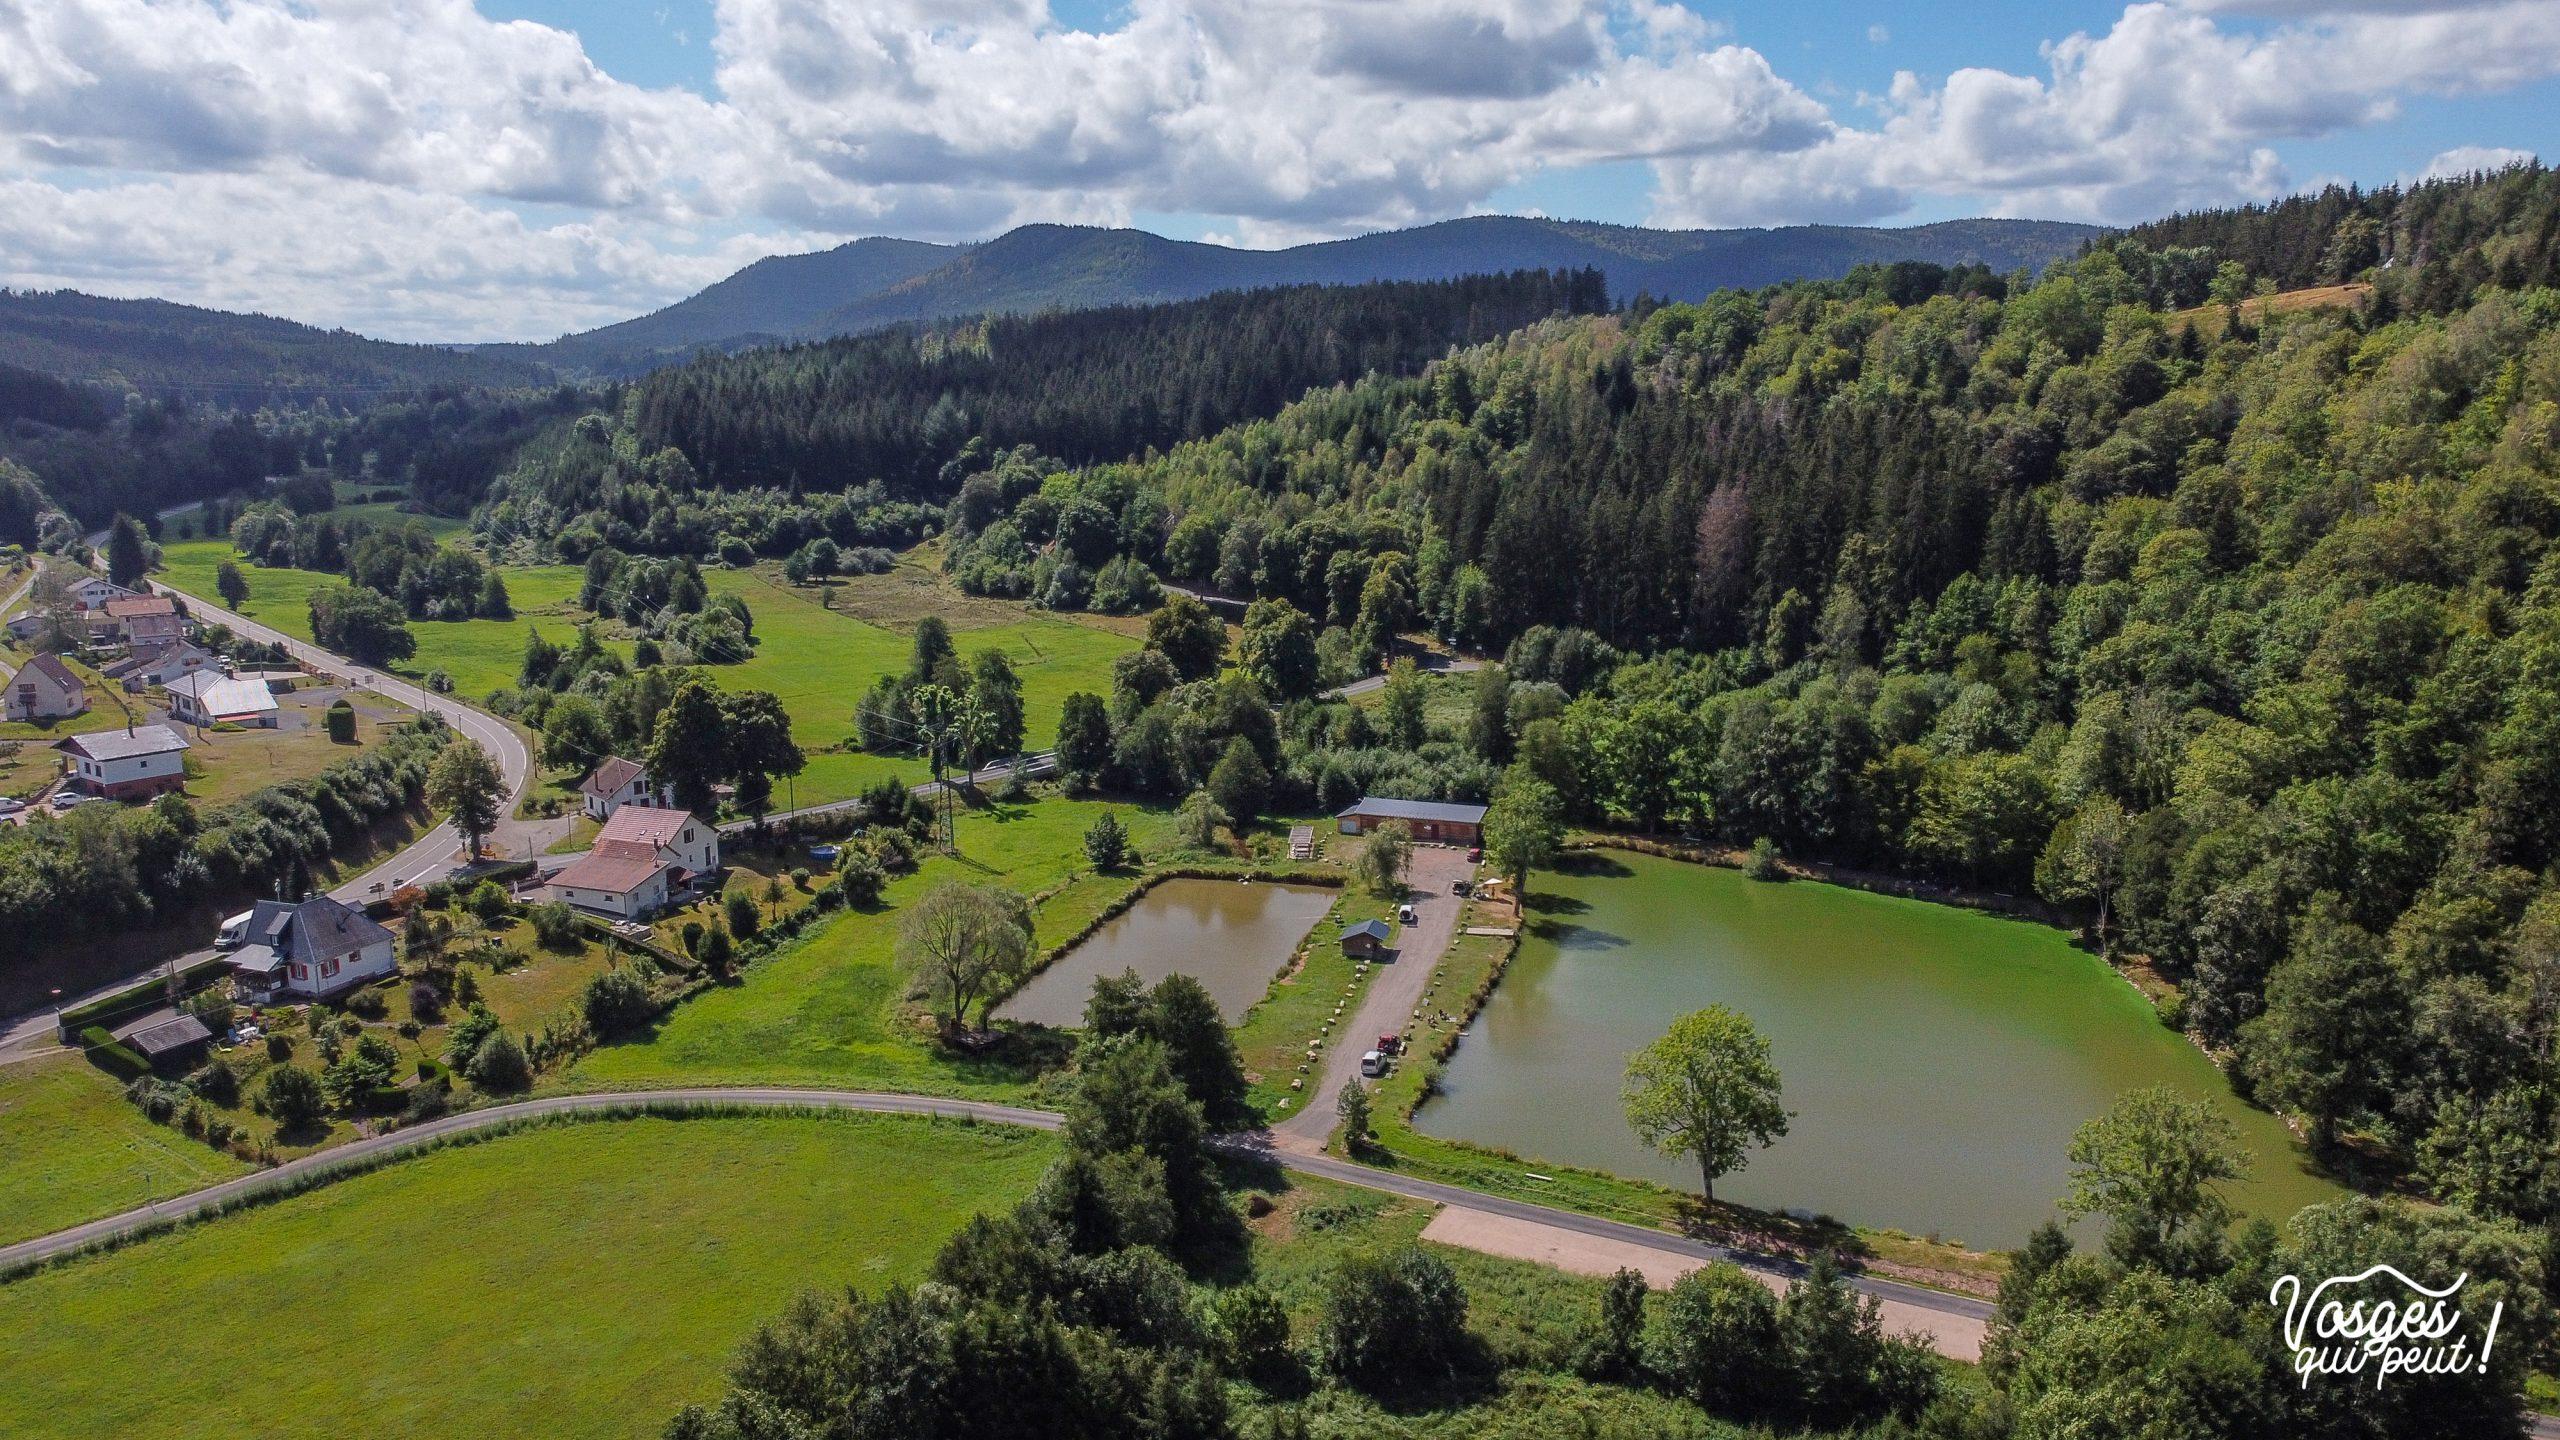 Vue aérienne de l'étang du Breux dans la vallée de la Bruche